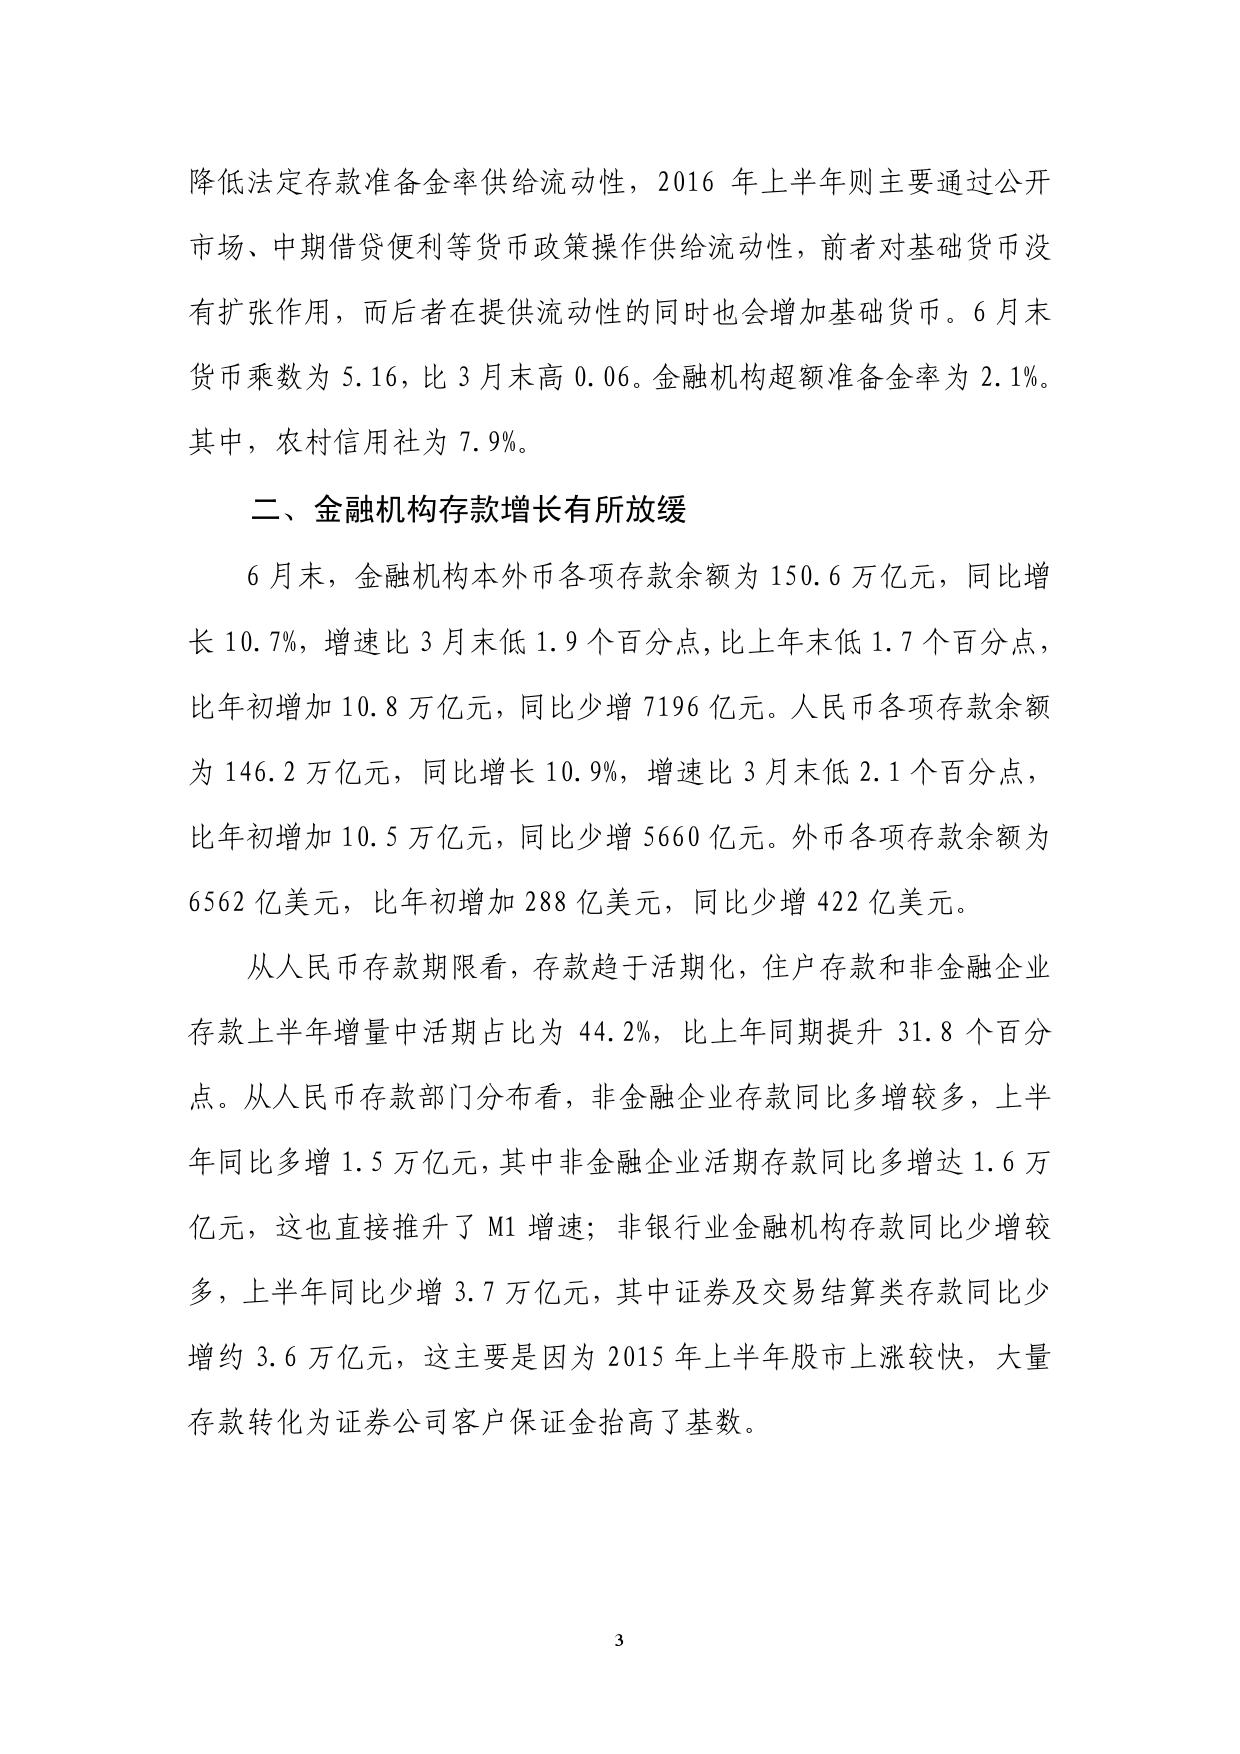 2016年Q2中国货币政策执行报告_000009